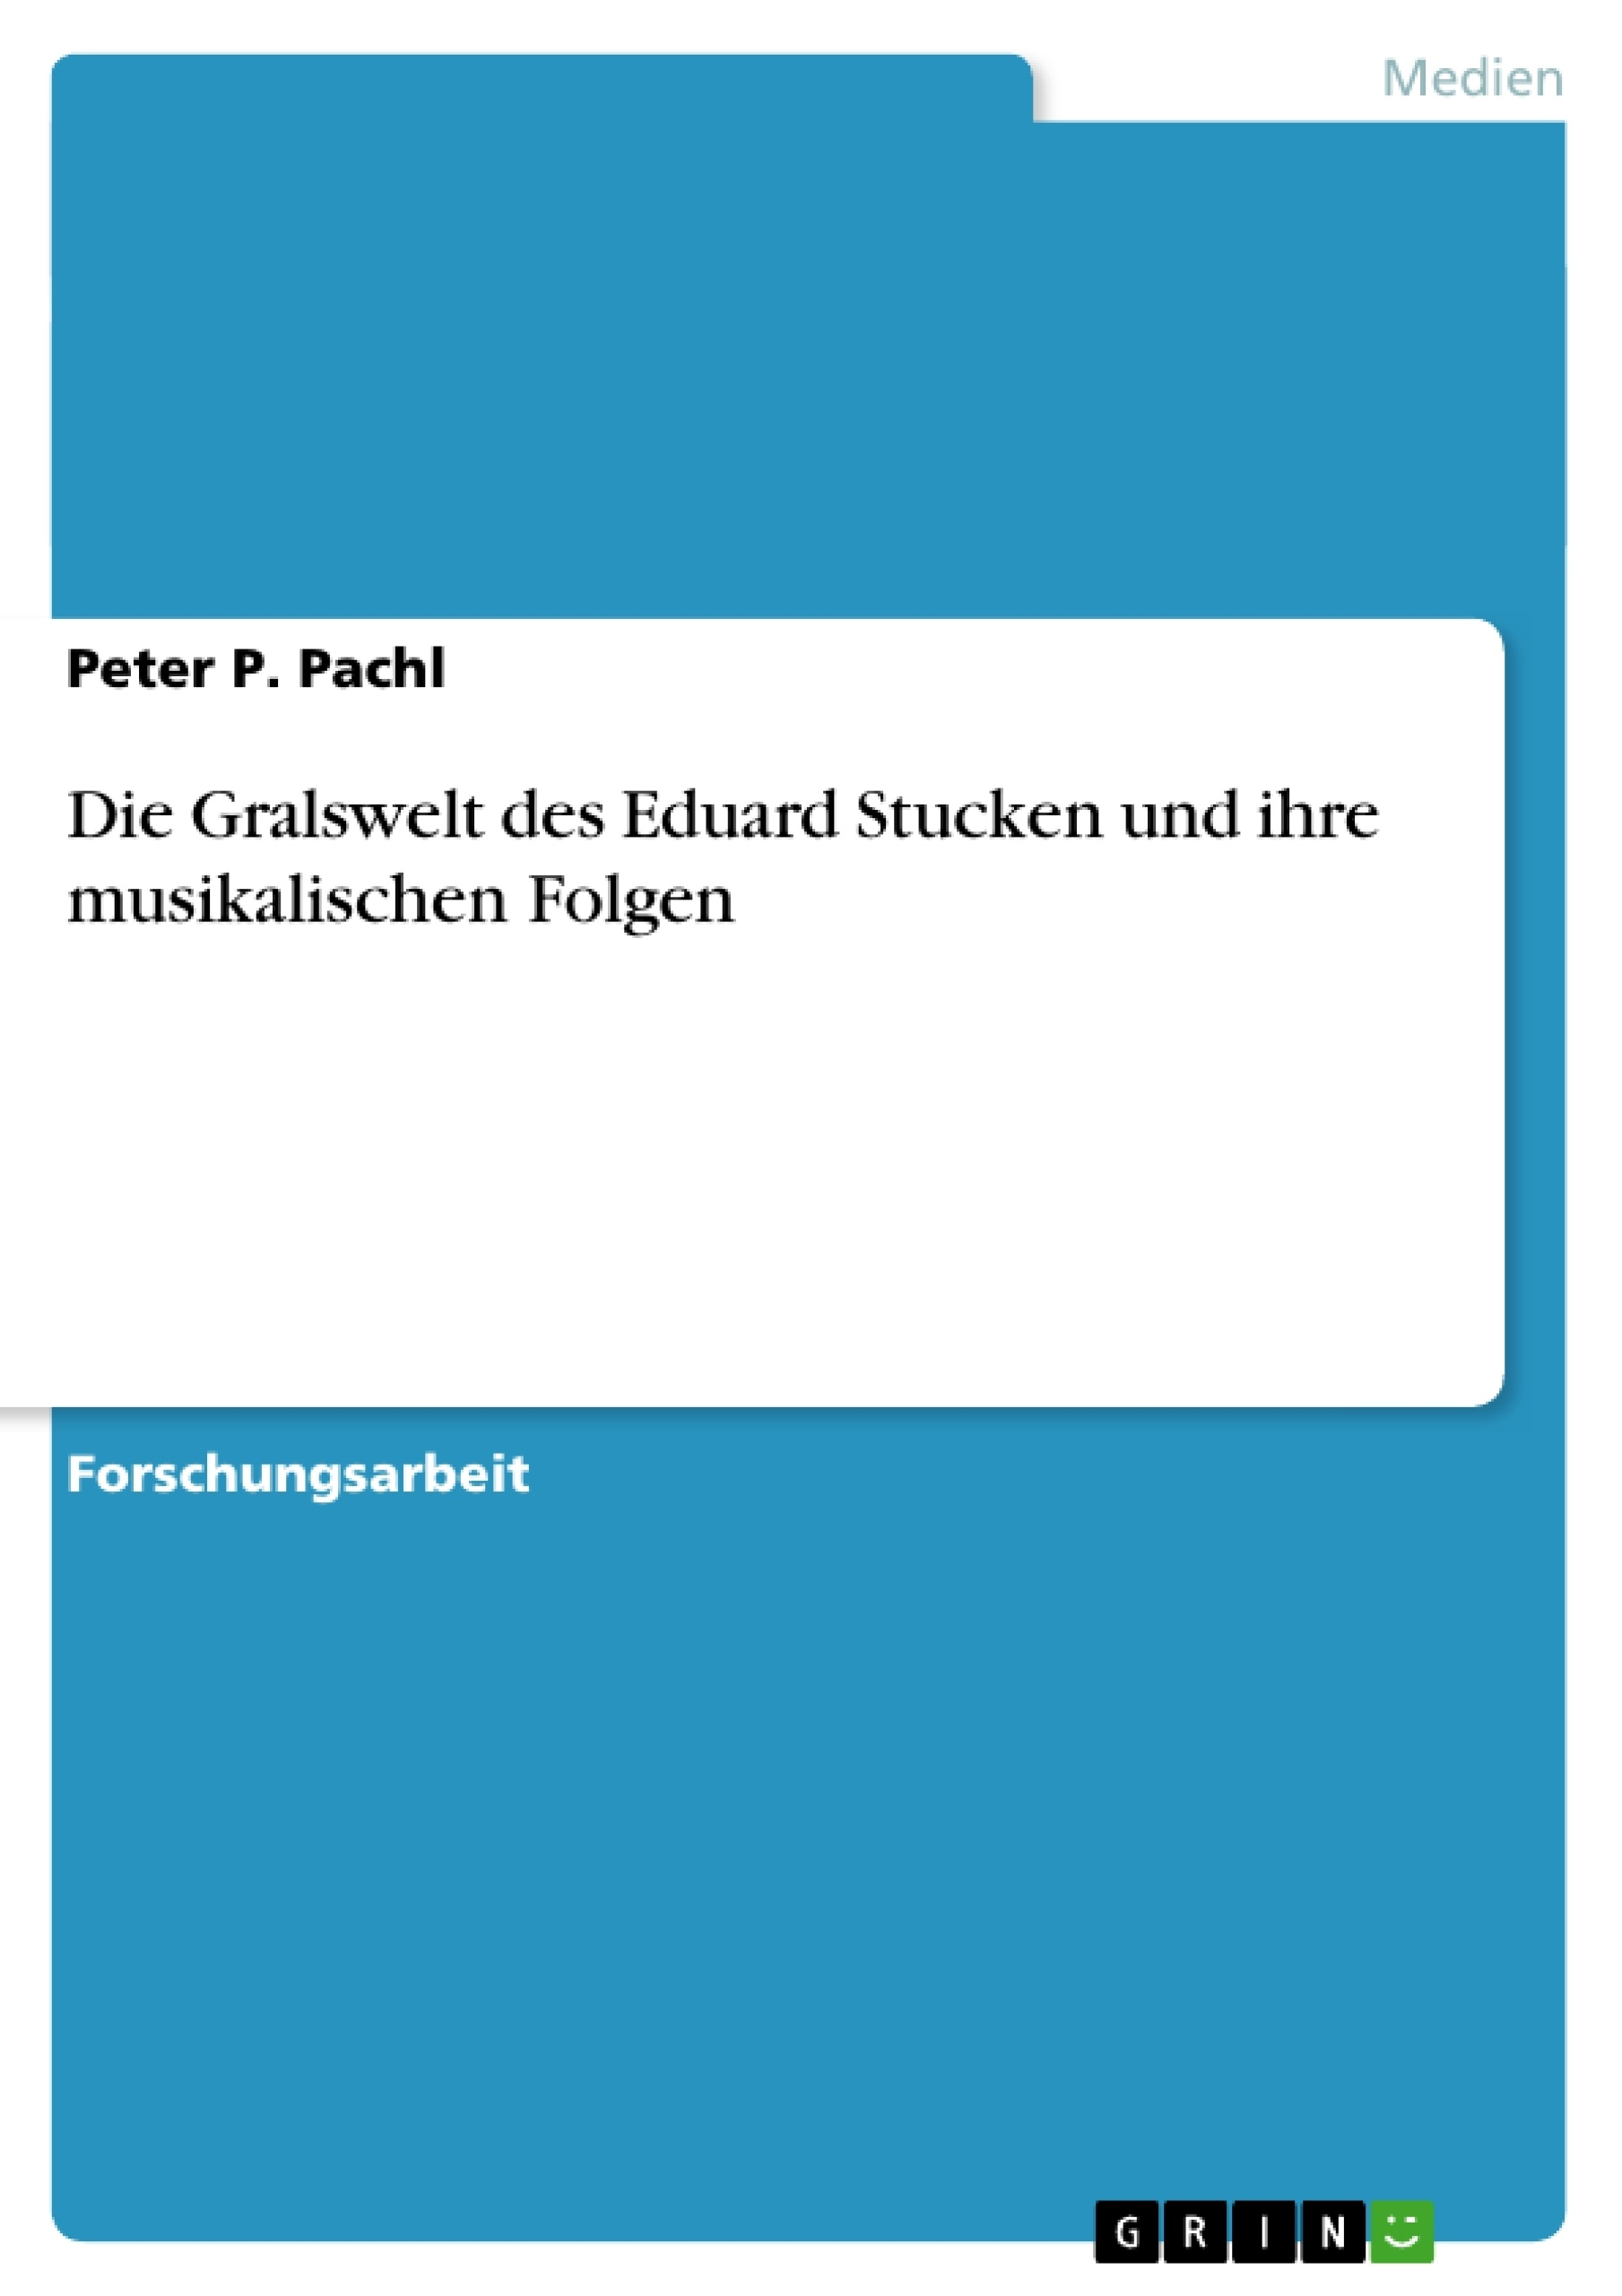 Titel: Die Gralswelt des Eduard Stucken und ihre musikalischen Folgen